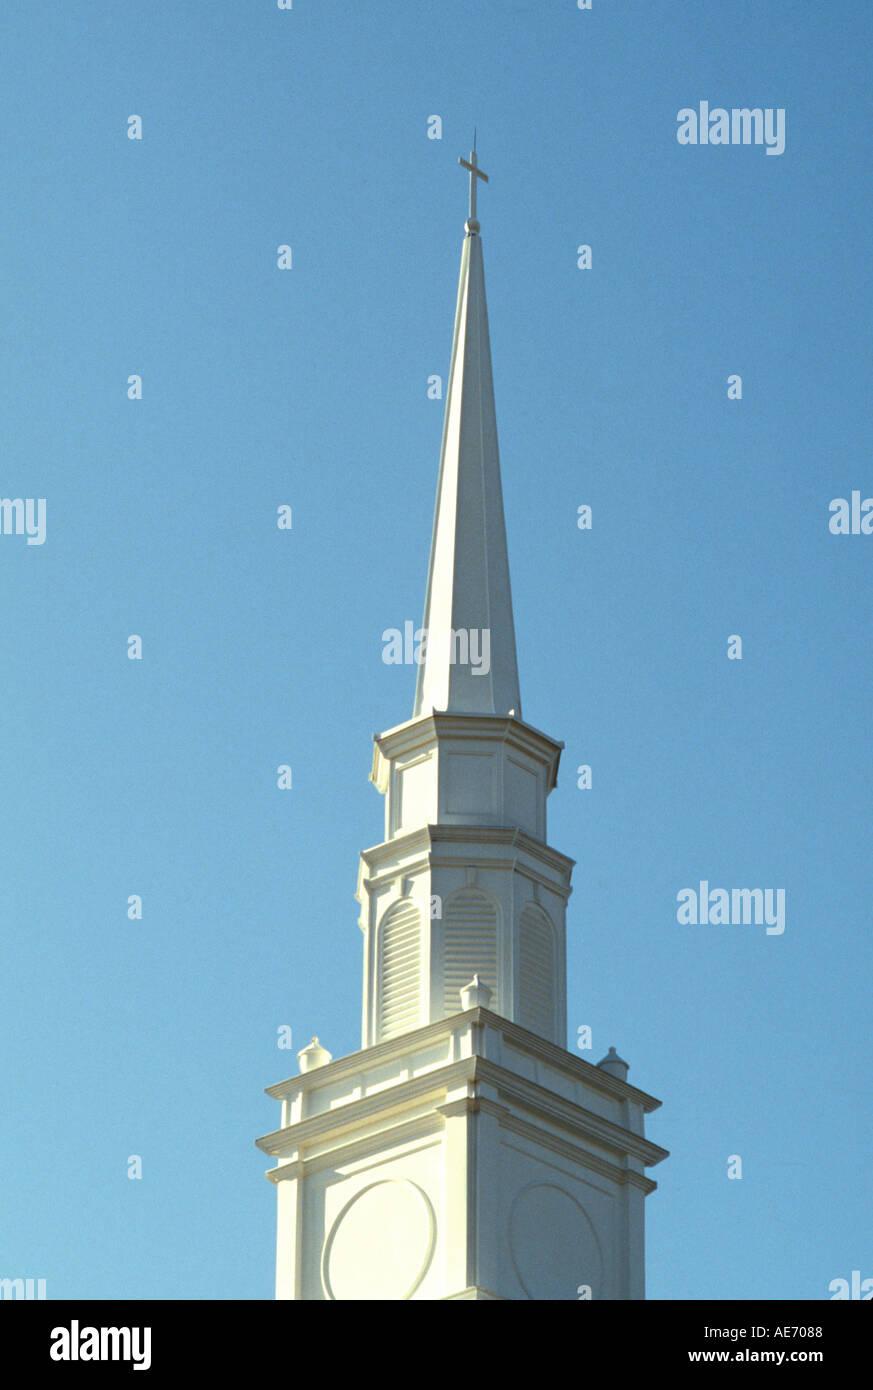 Chiesa protestante steeple Immagini Stock